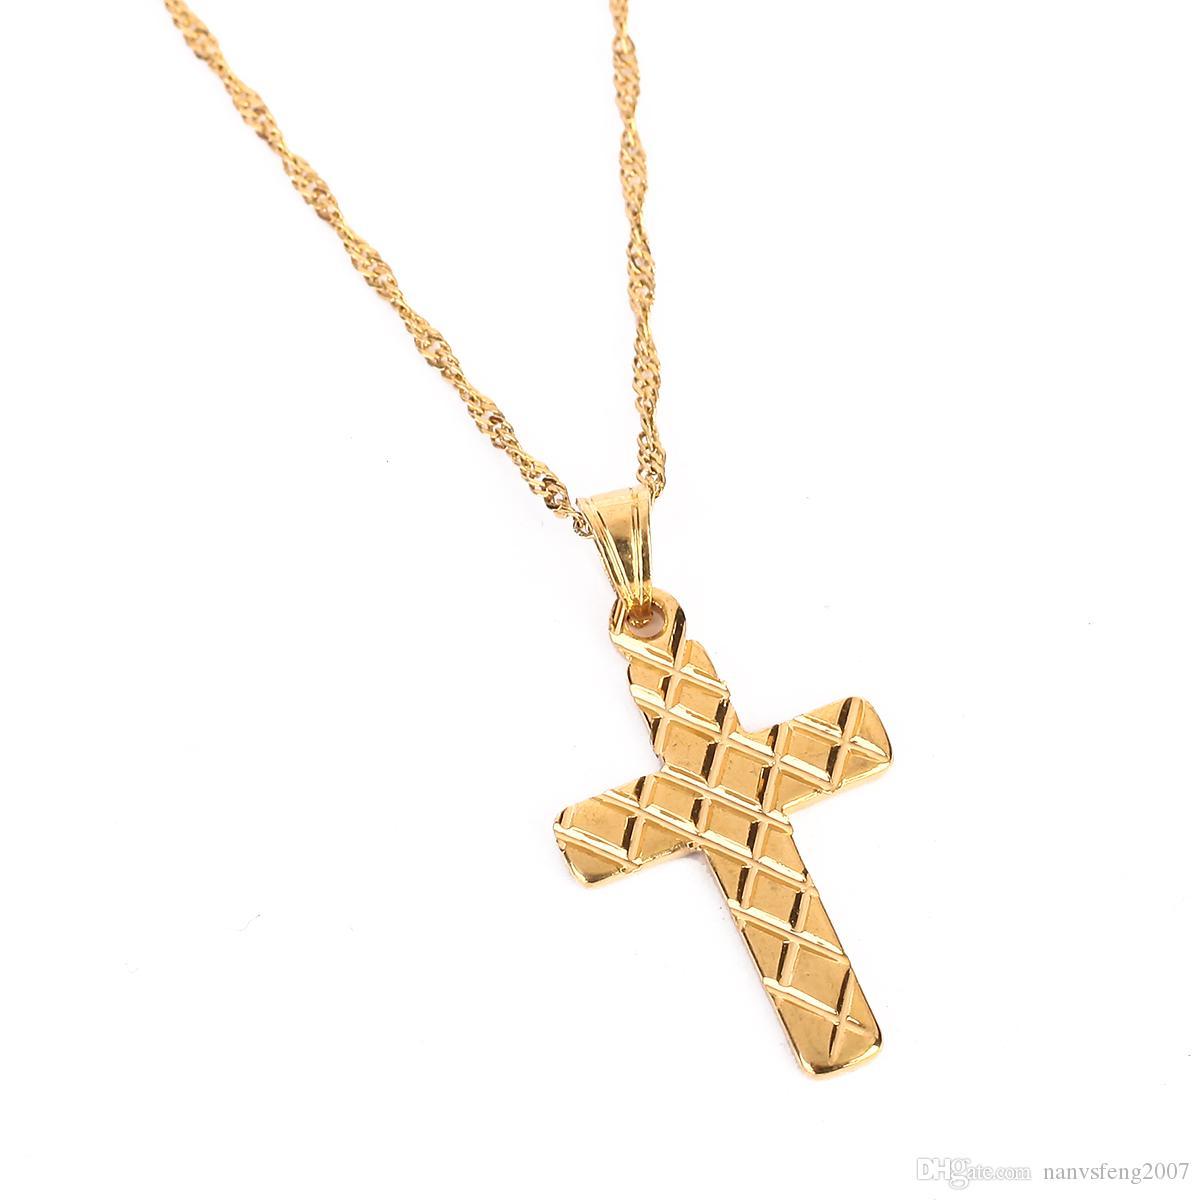 Cadena para hombre de moda de oro amarillo de color de acero inoxidable crucifijo jesús cruz collar hombres joyería venta al por mayor